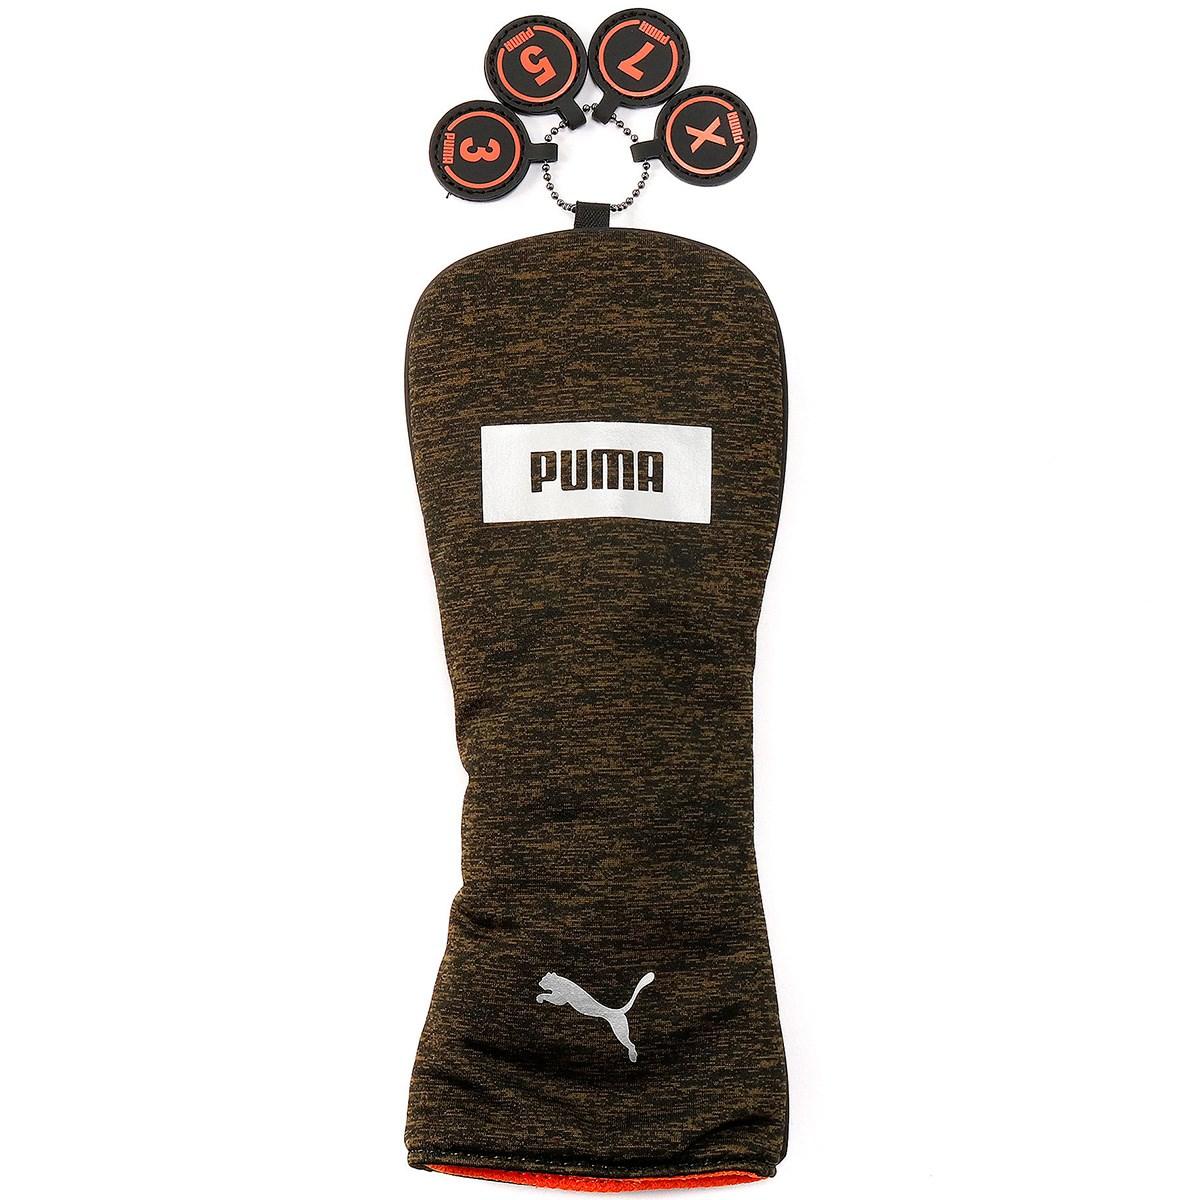 プーマ(PUMA) レベル ヘッドカバー FW用